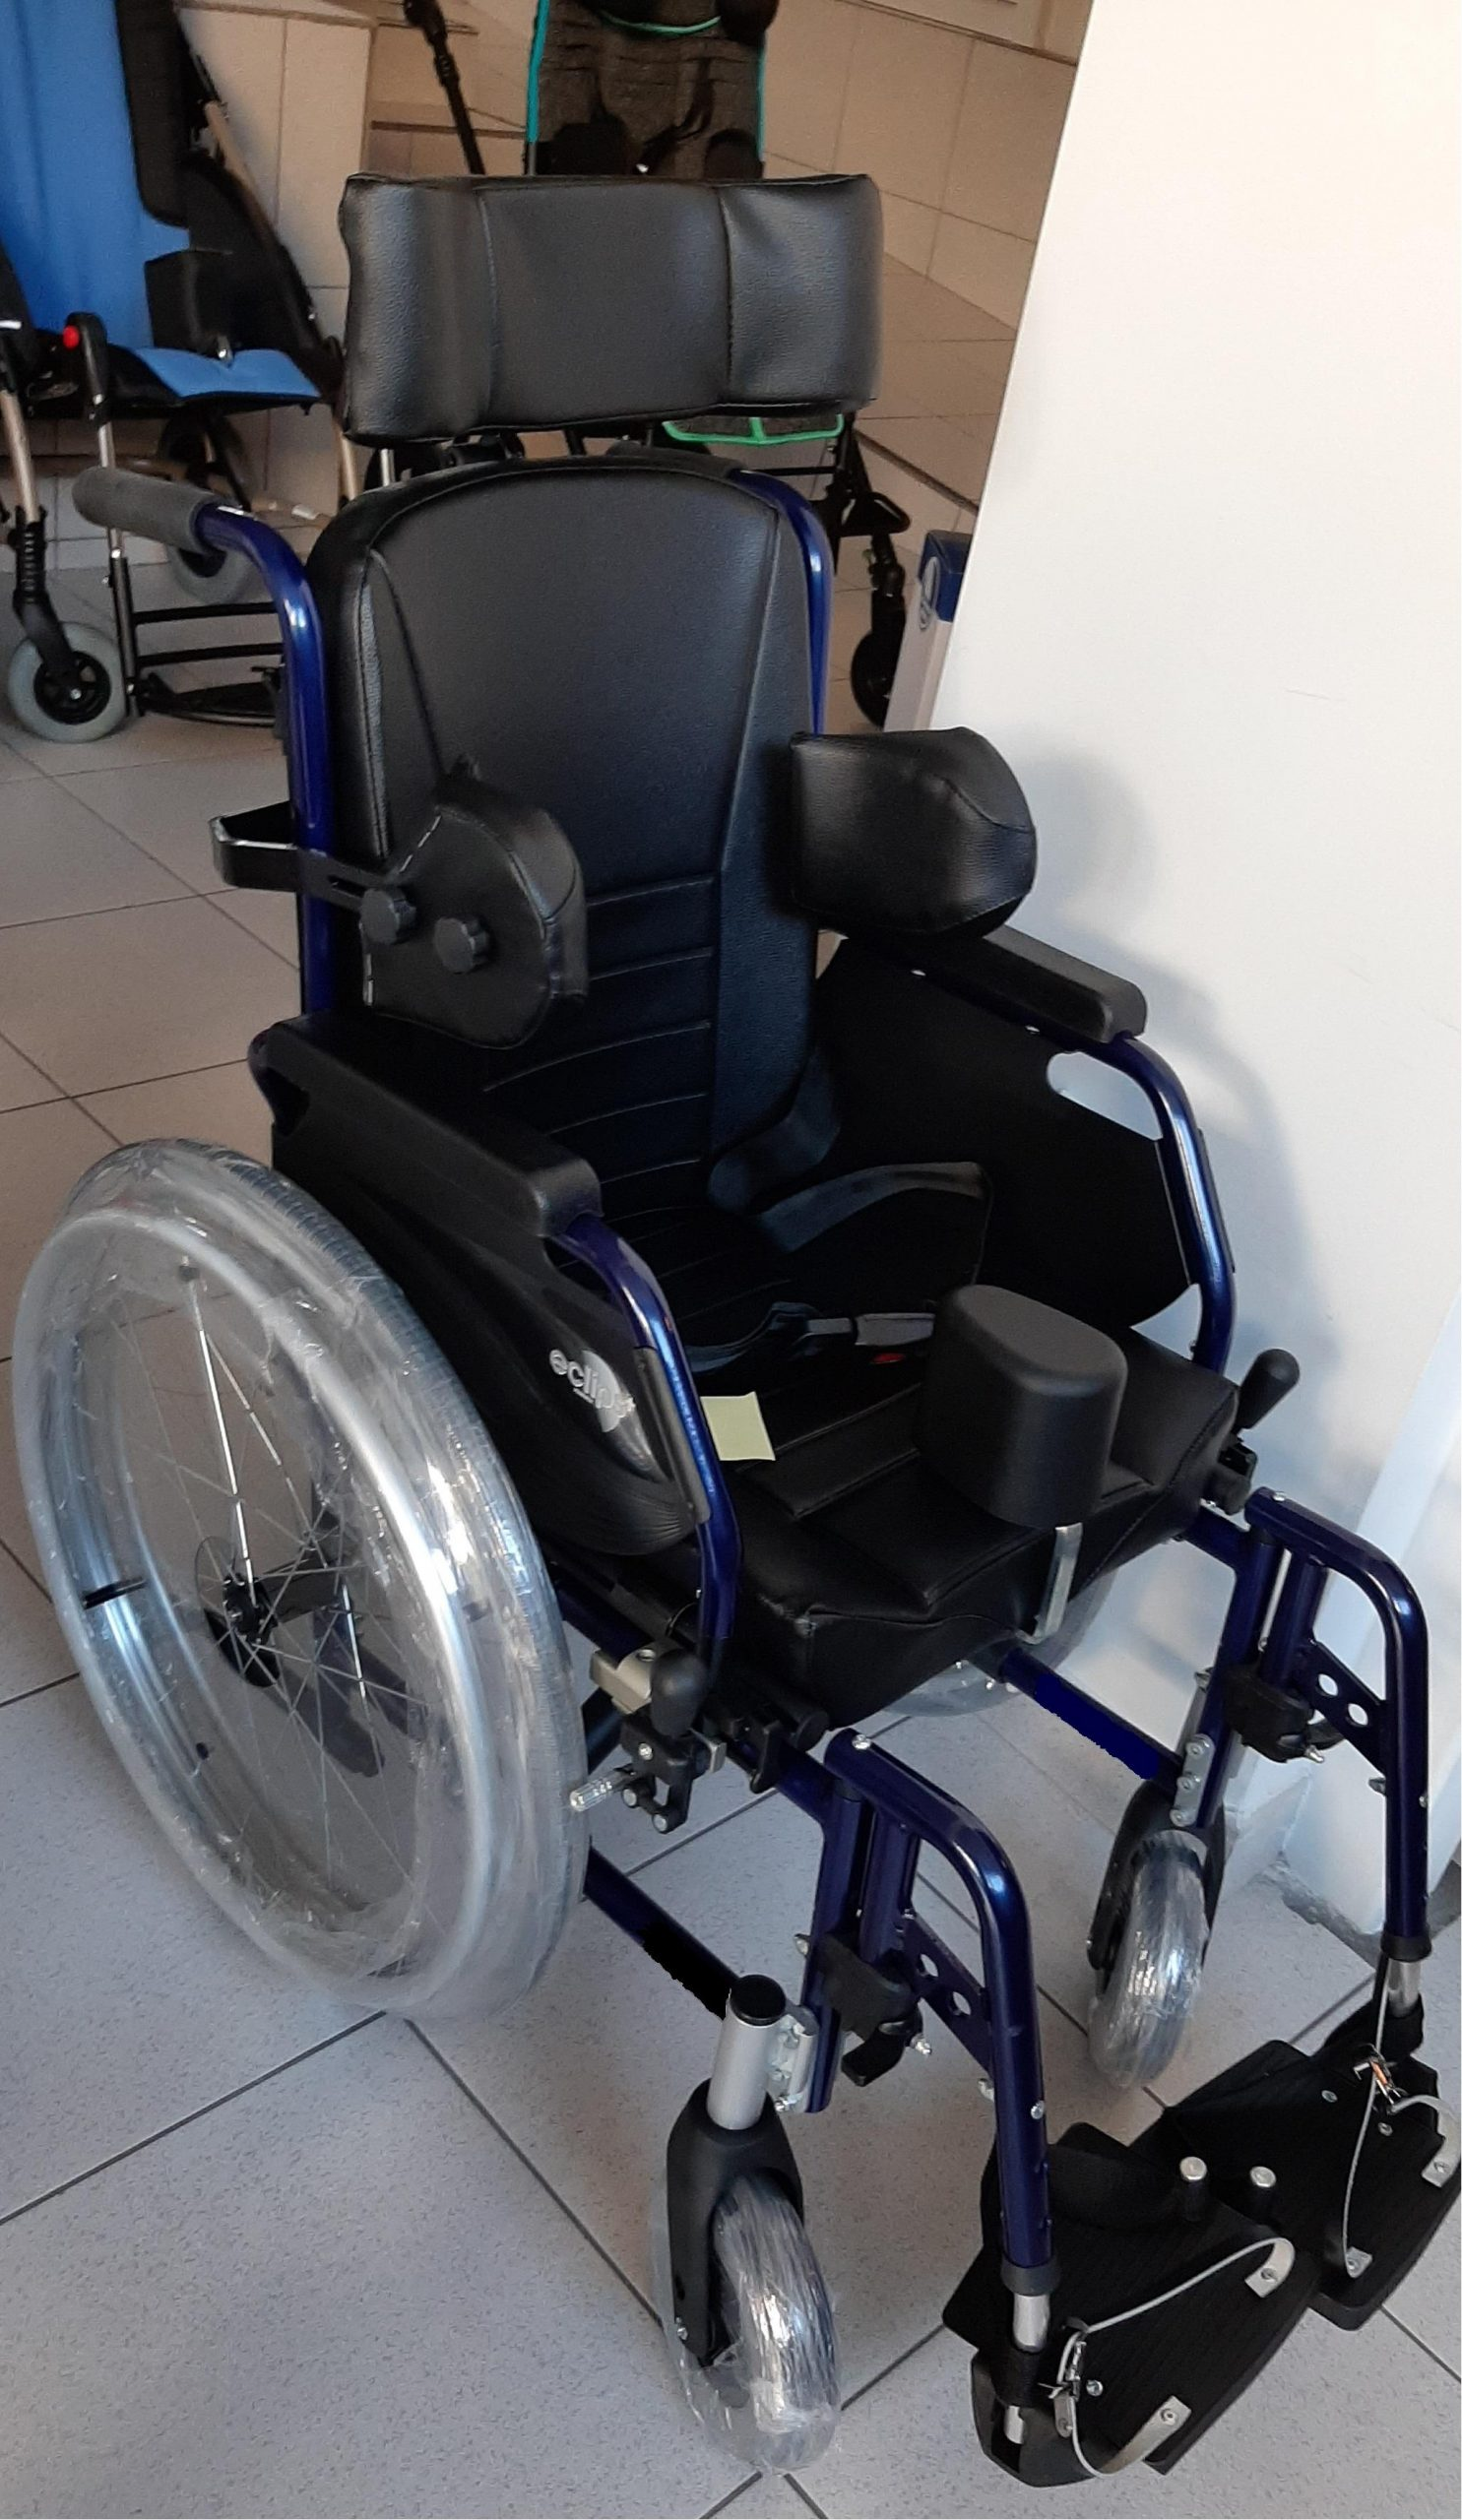 Αναπηρικό αμαξίδιο - Ειδικό κάθισμα Δημοτικού - Γυμνασίου - Λυκείο